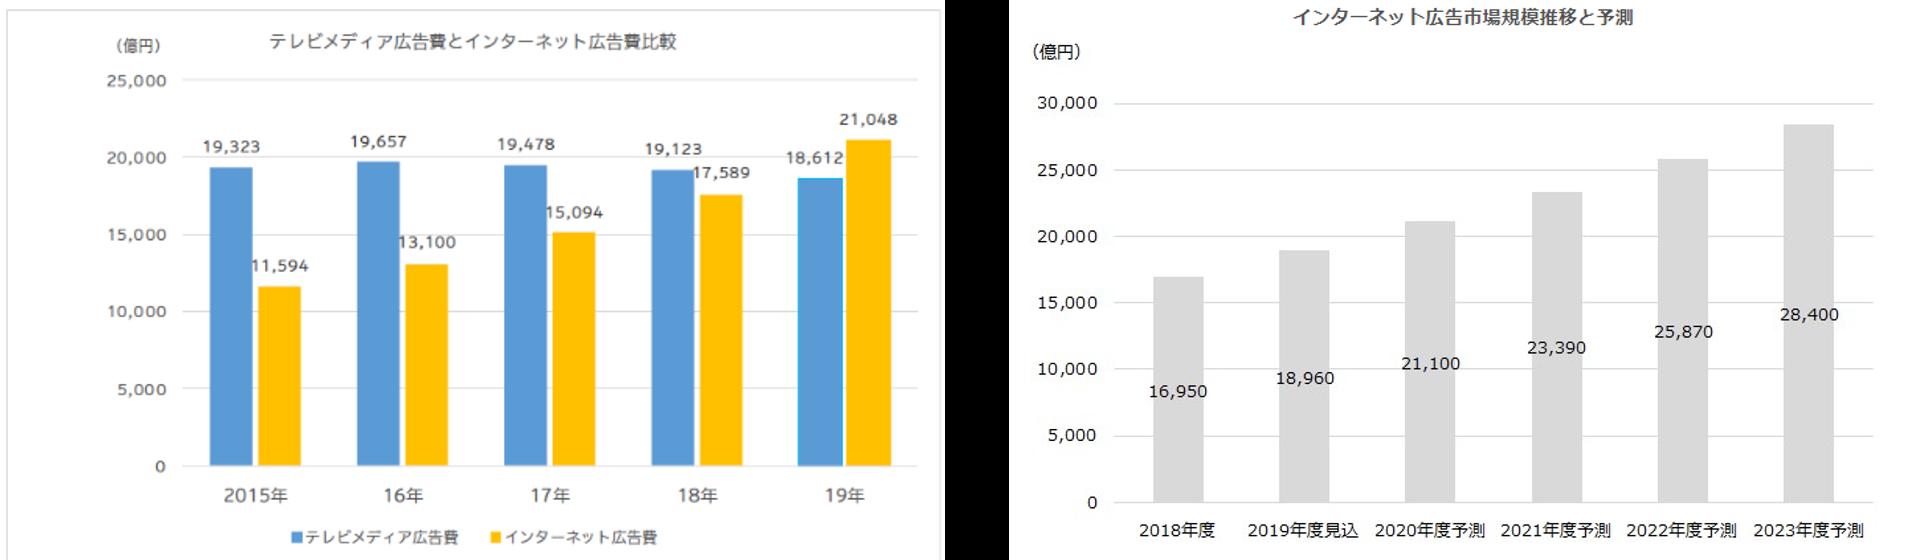 テレビメディアとインターネット広告費比較及び推移